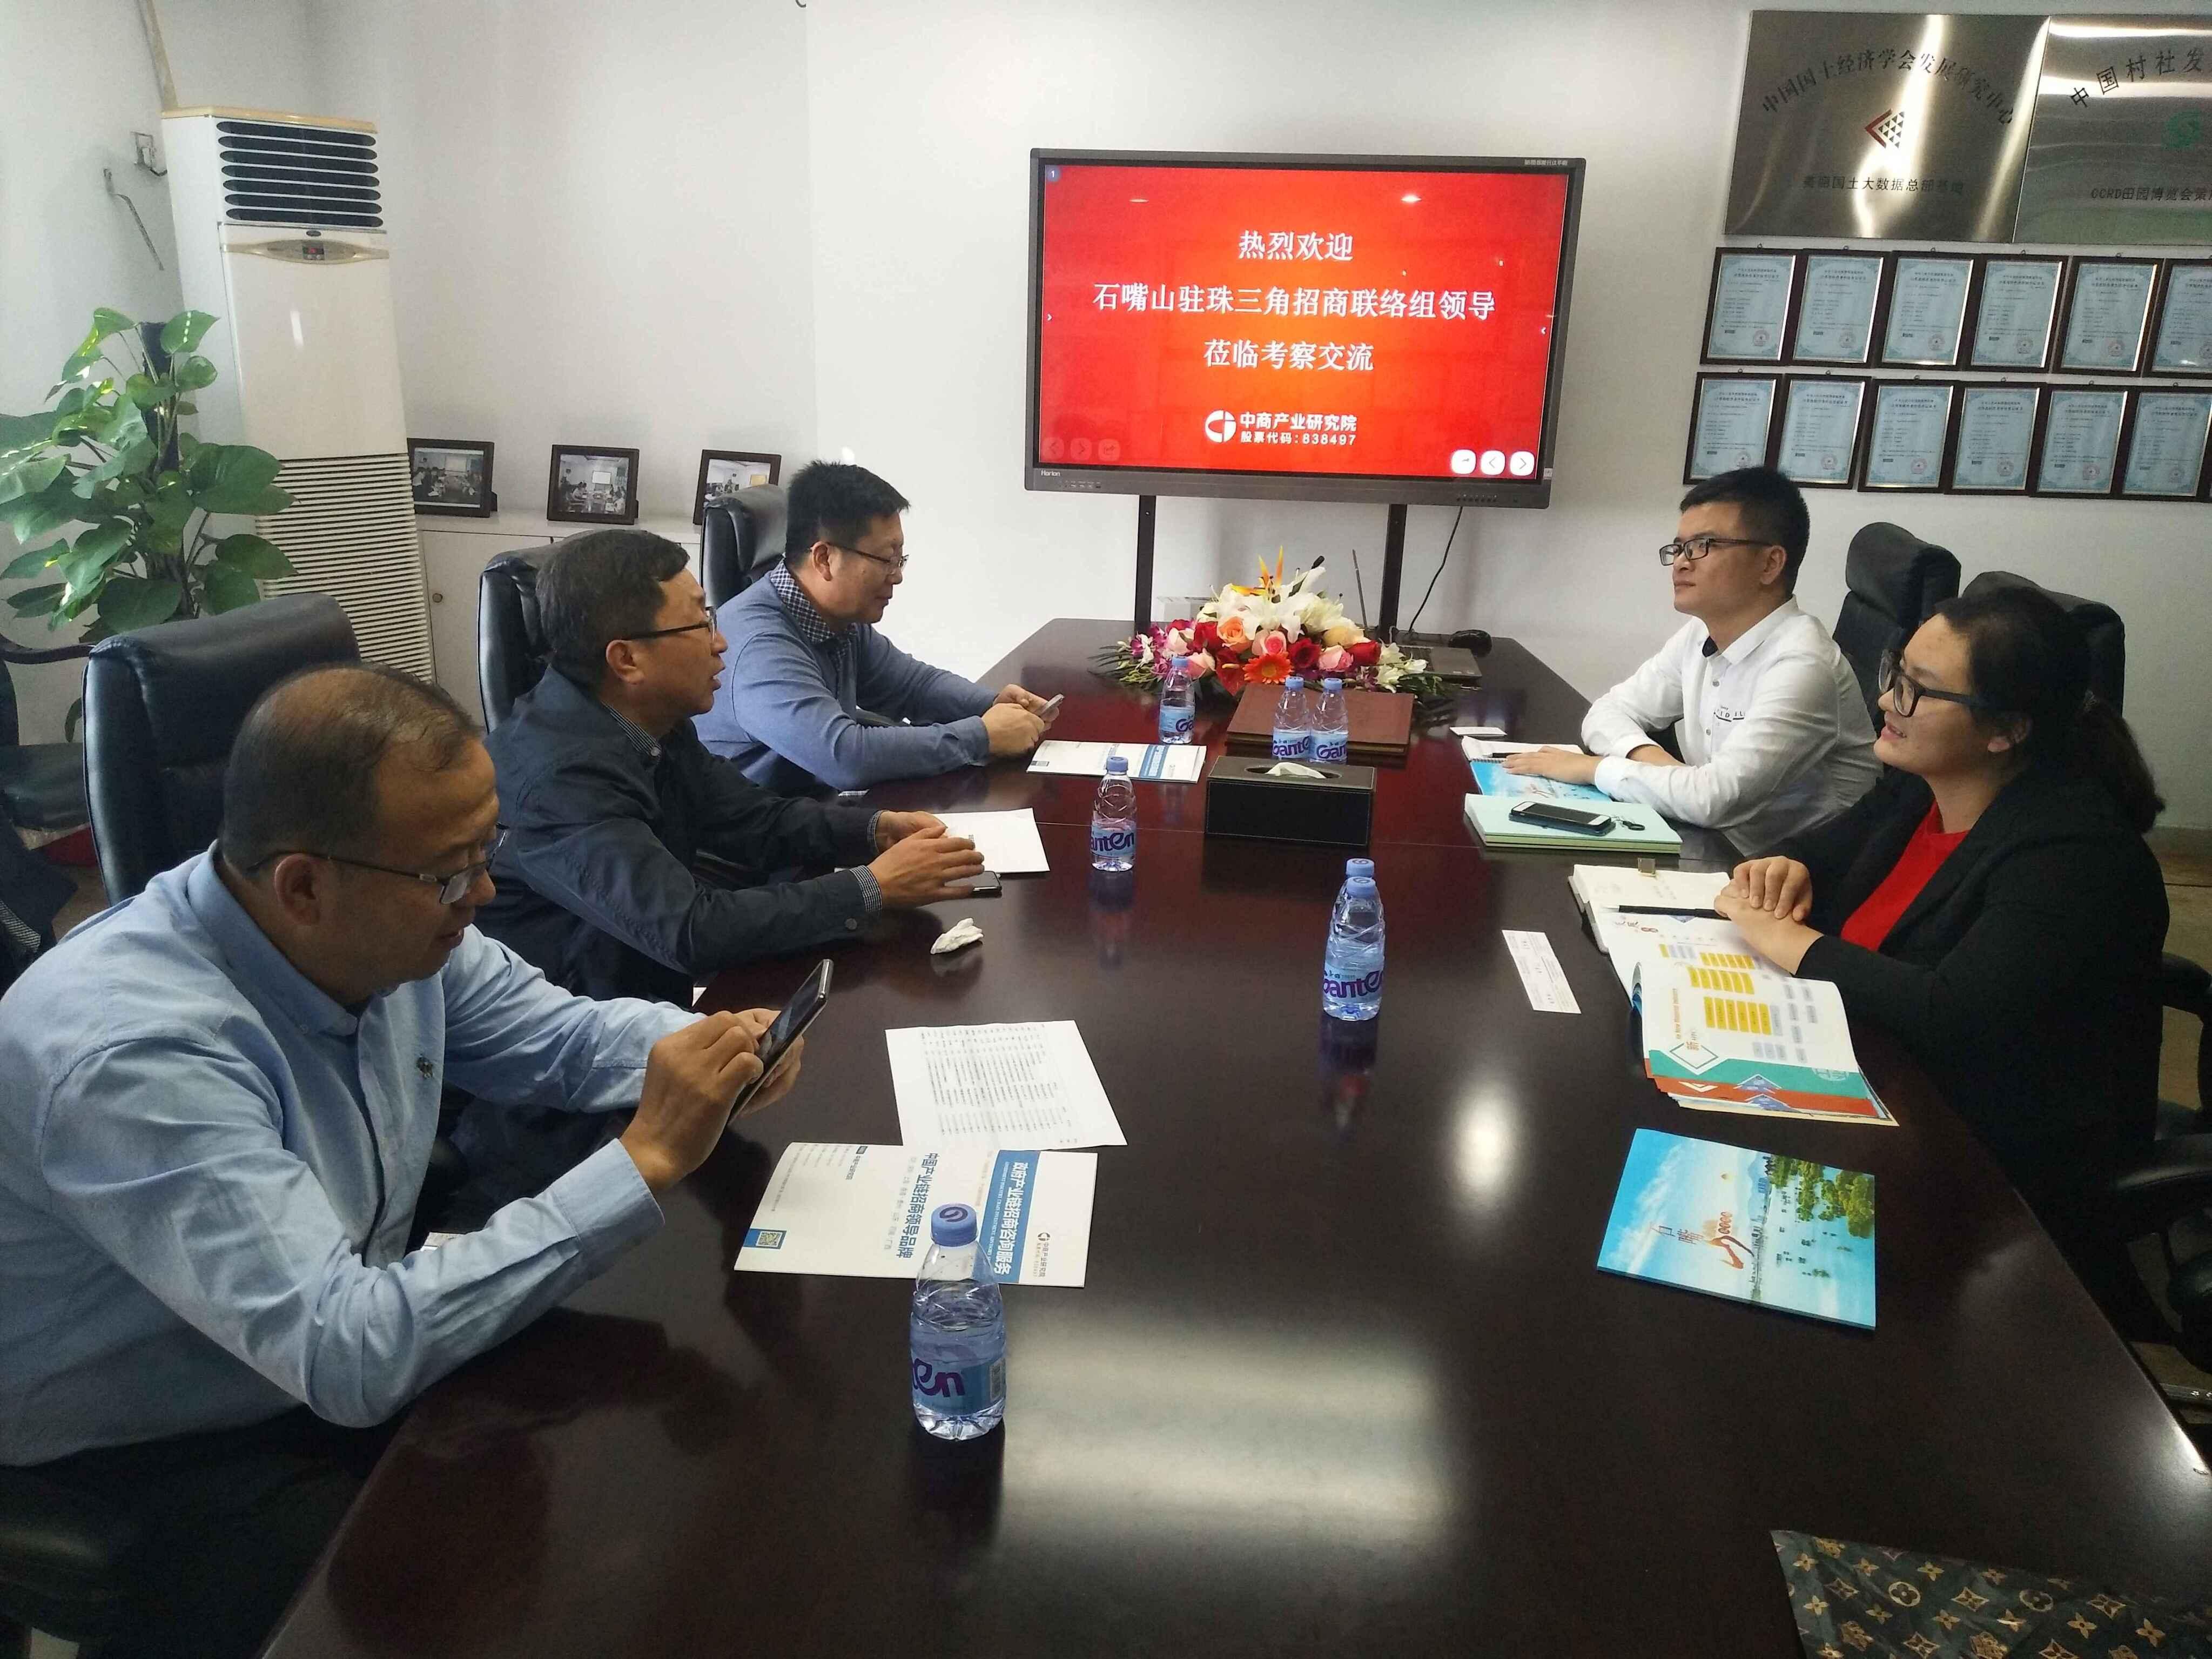 宁夏自治区石嘴山市招商联络组来访中商产业研究院